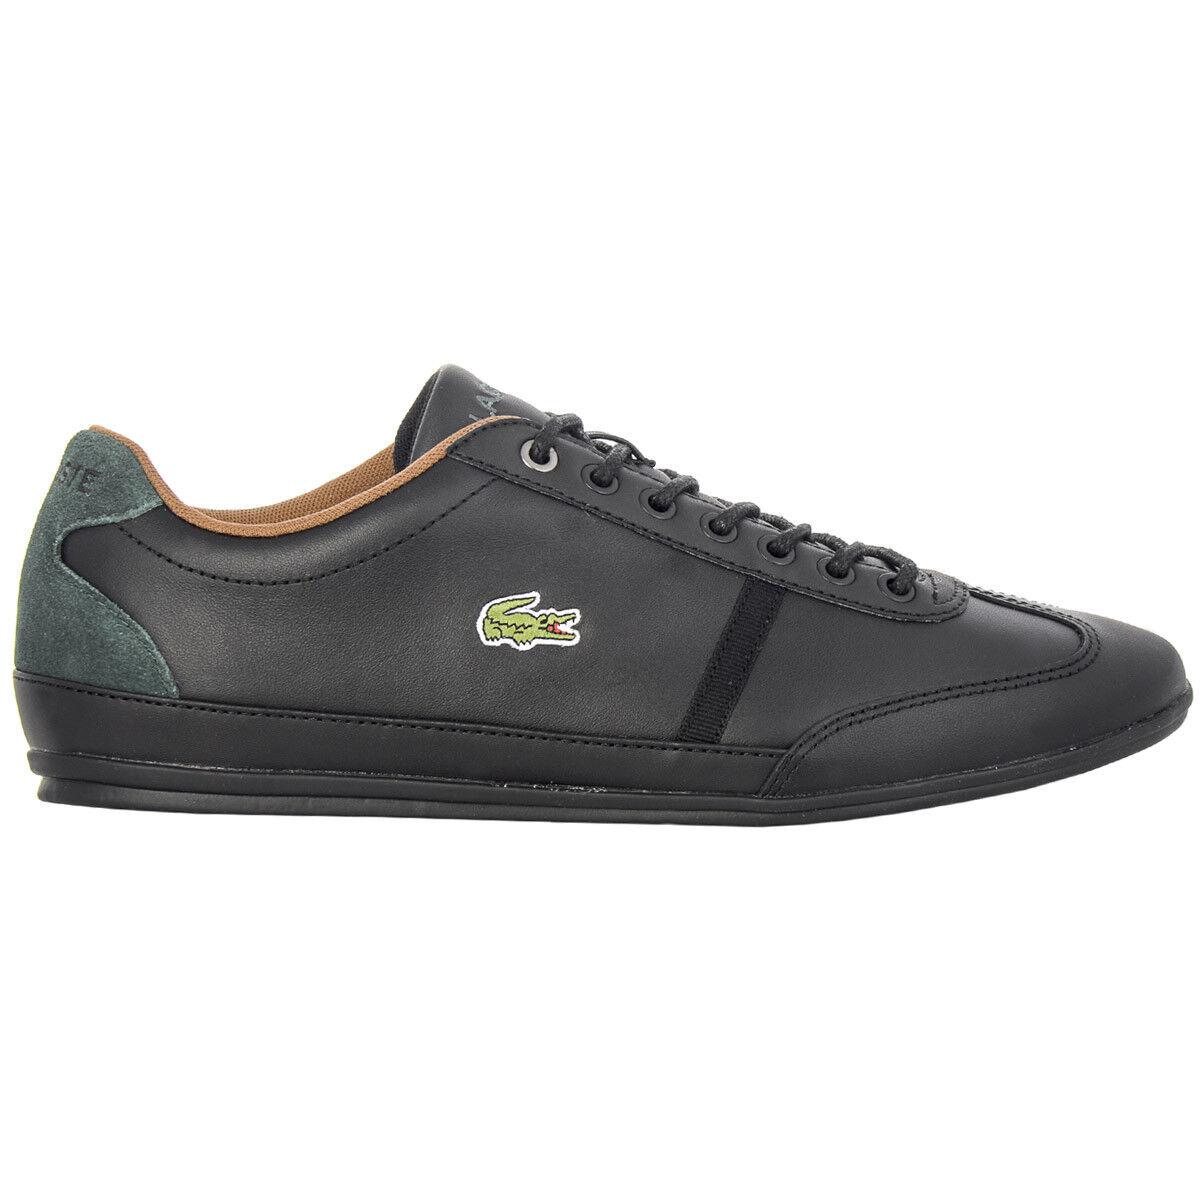 Lacoste Men scarpe da ginnastica Misano Sport  Leather nero Casual New CAM04602H  risposte rapide